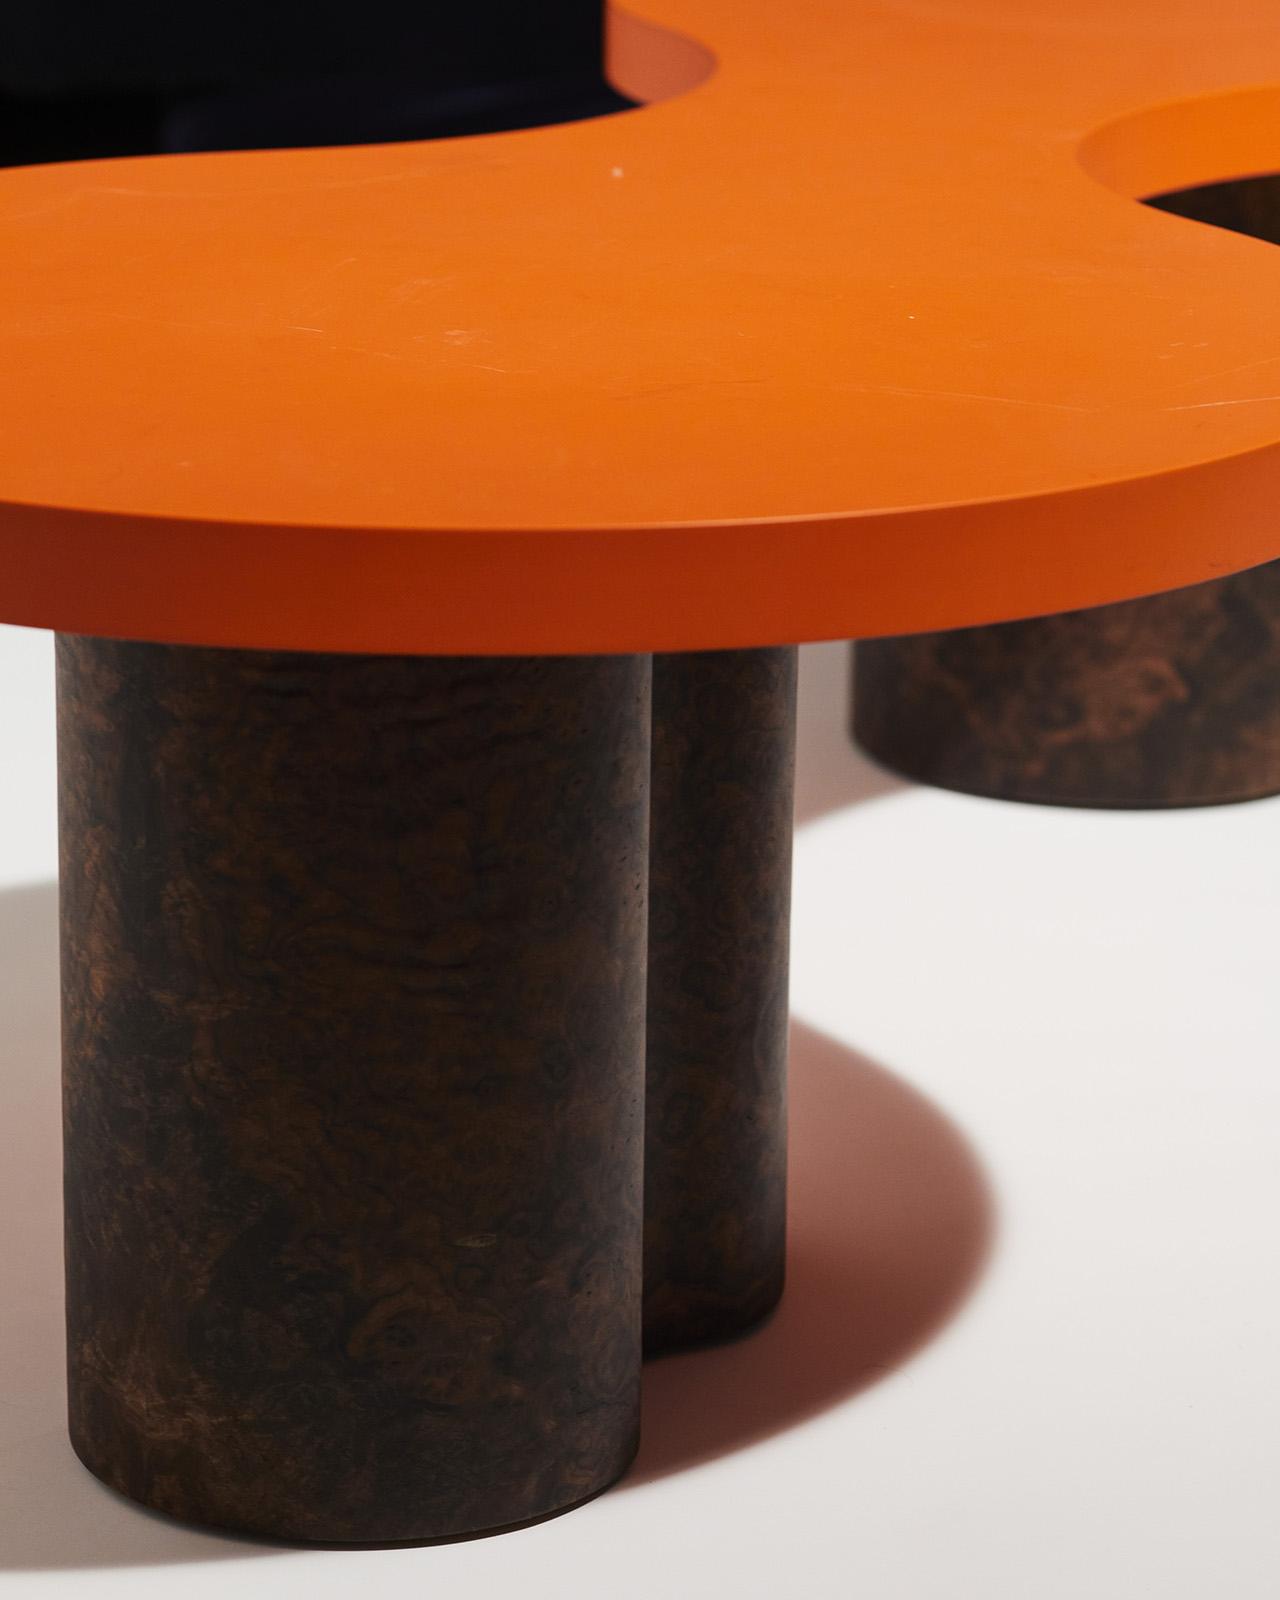 coffee table detail of orange top and dark wood legs